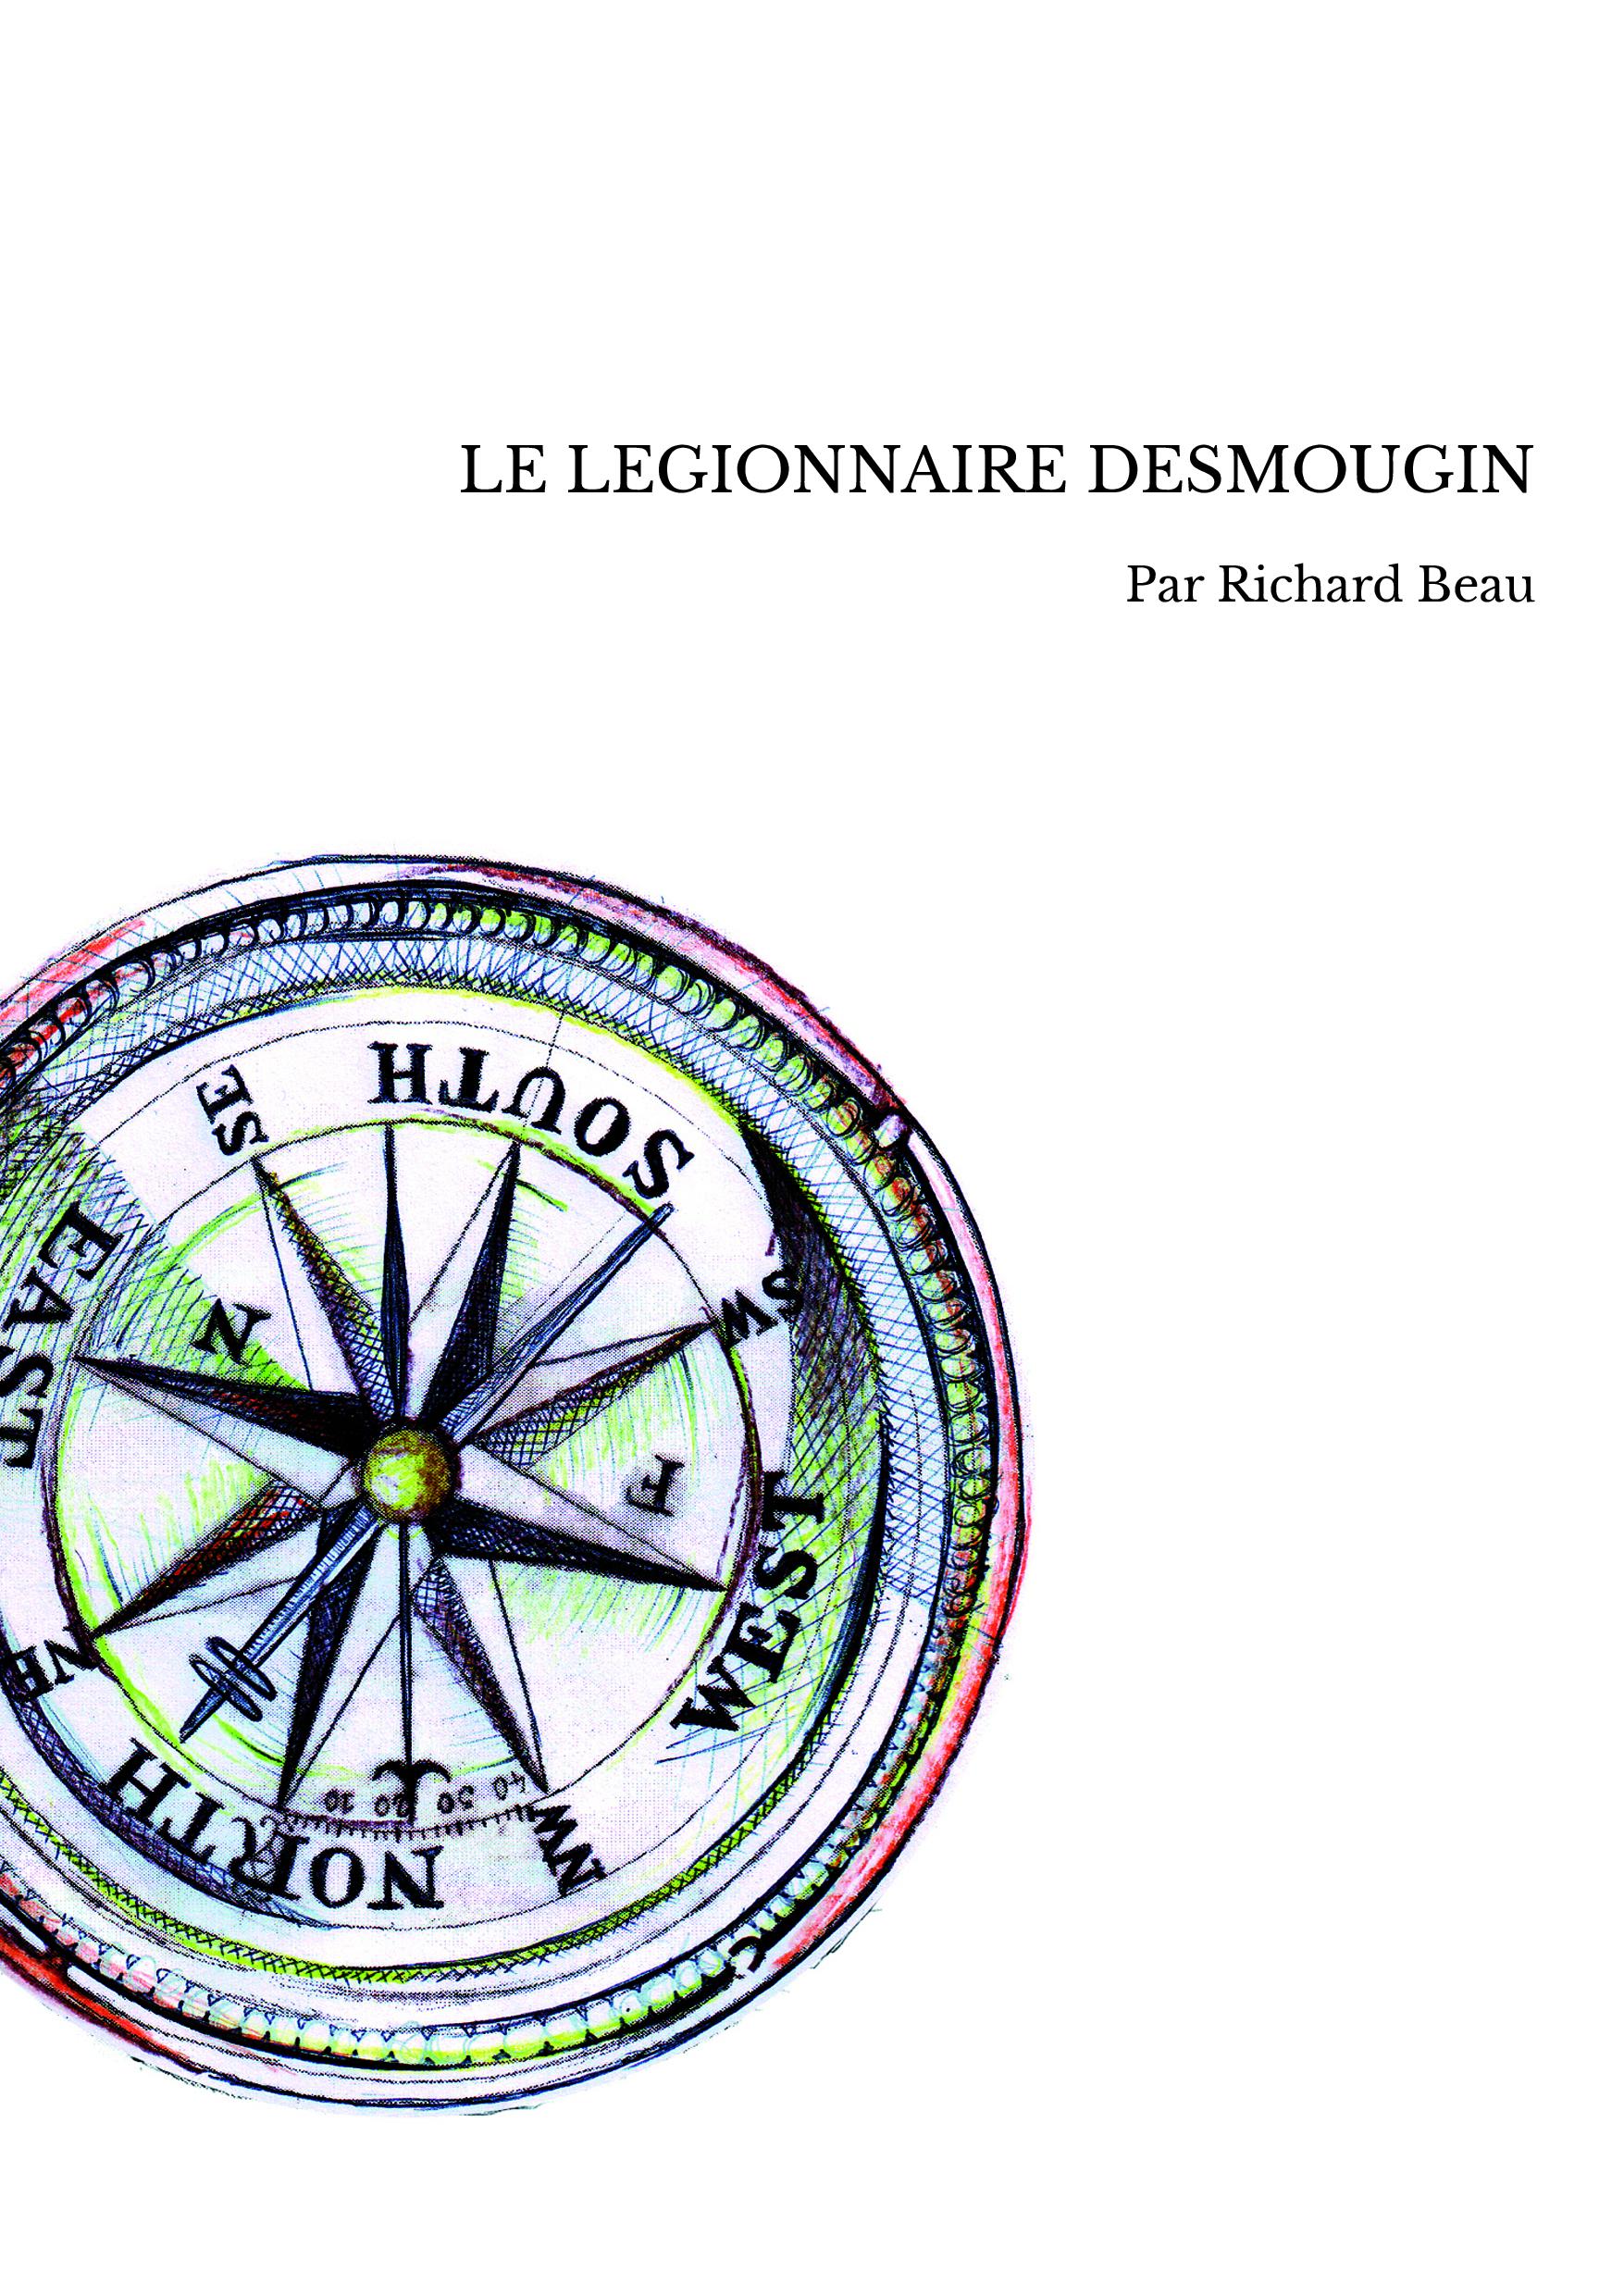 LE LEGIONNAIRE DESMOUGIN